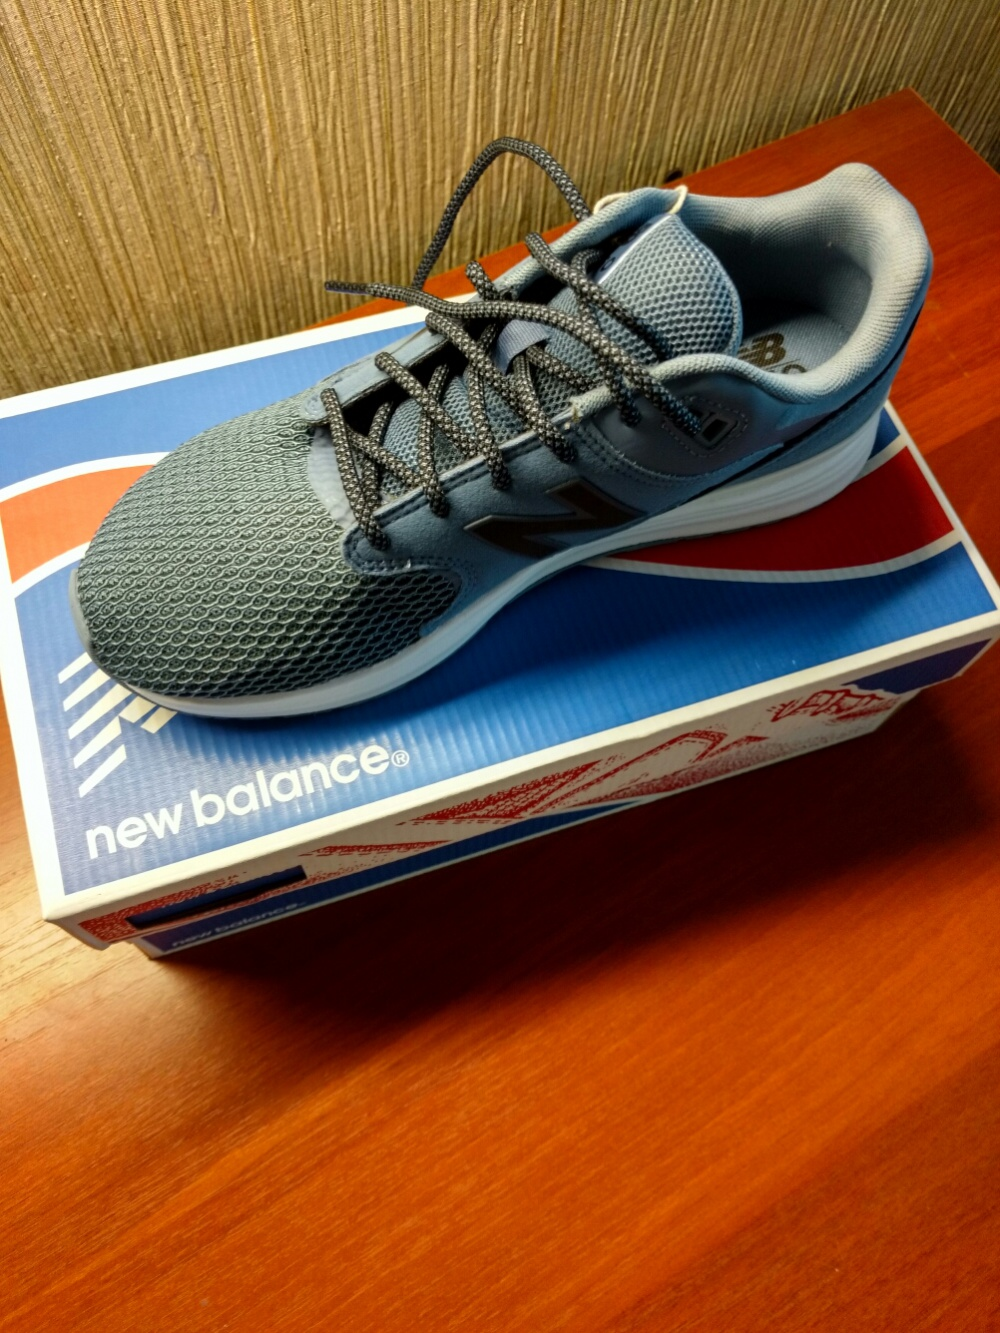 Кроссовки New balance 1550  размер 38, 5